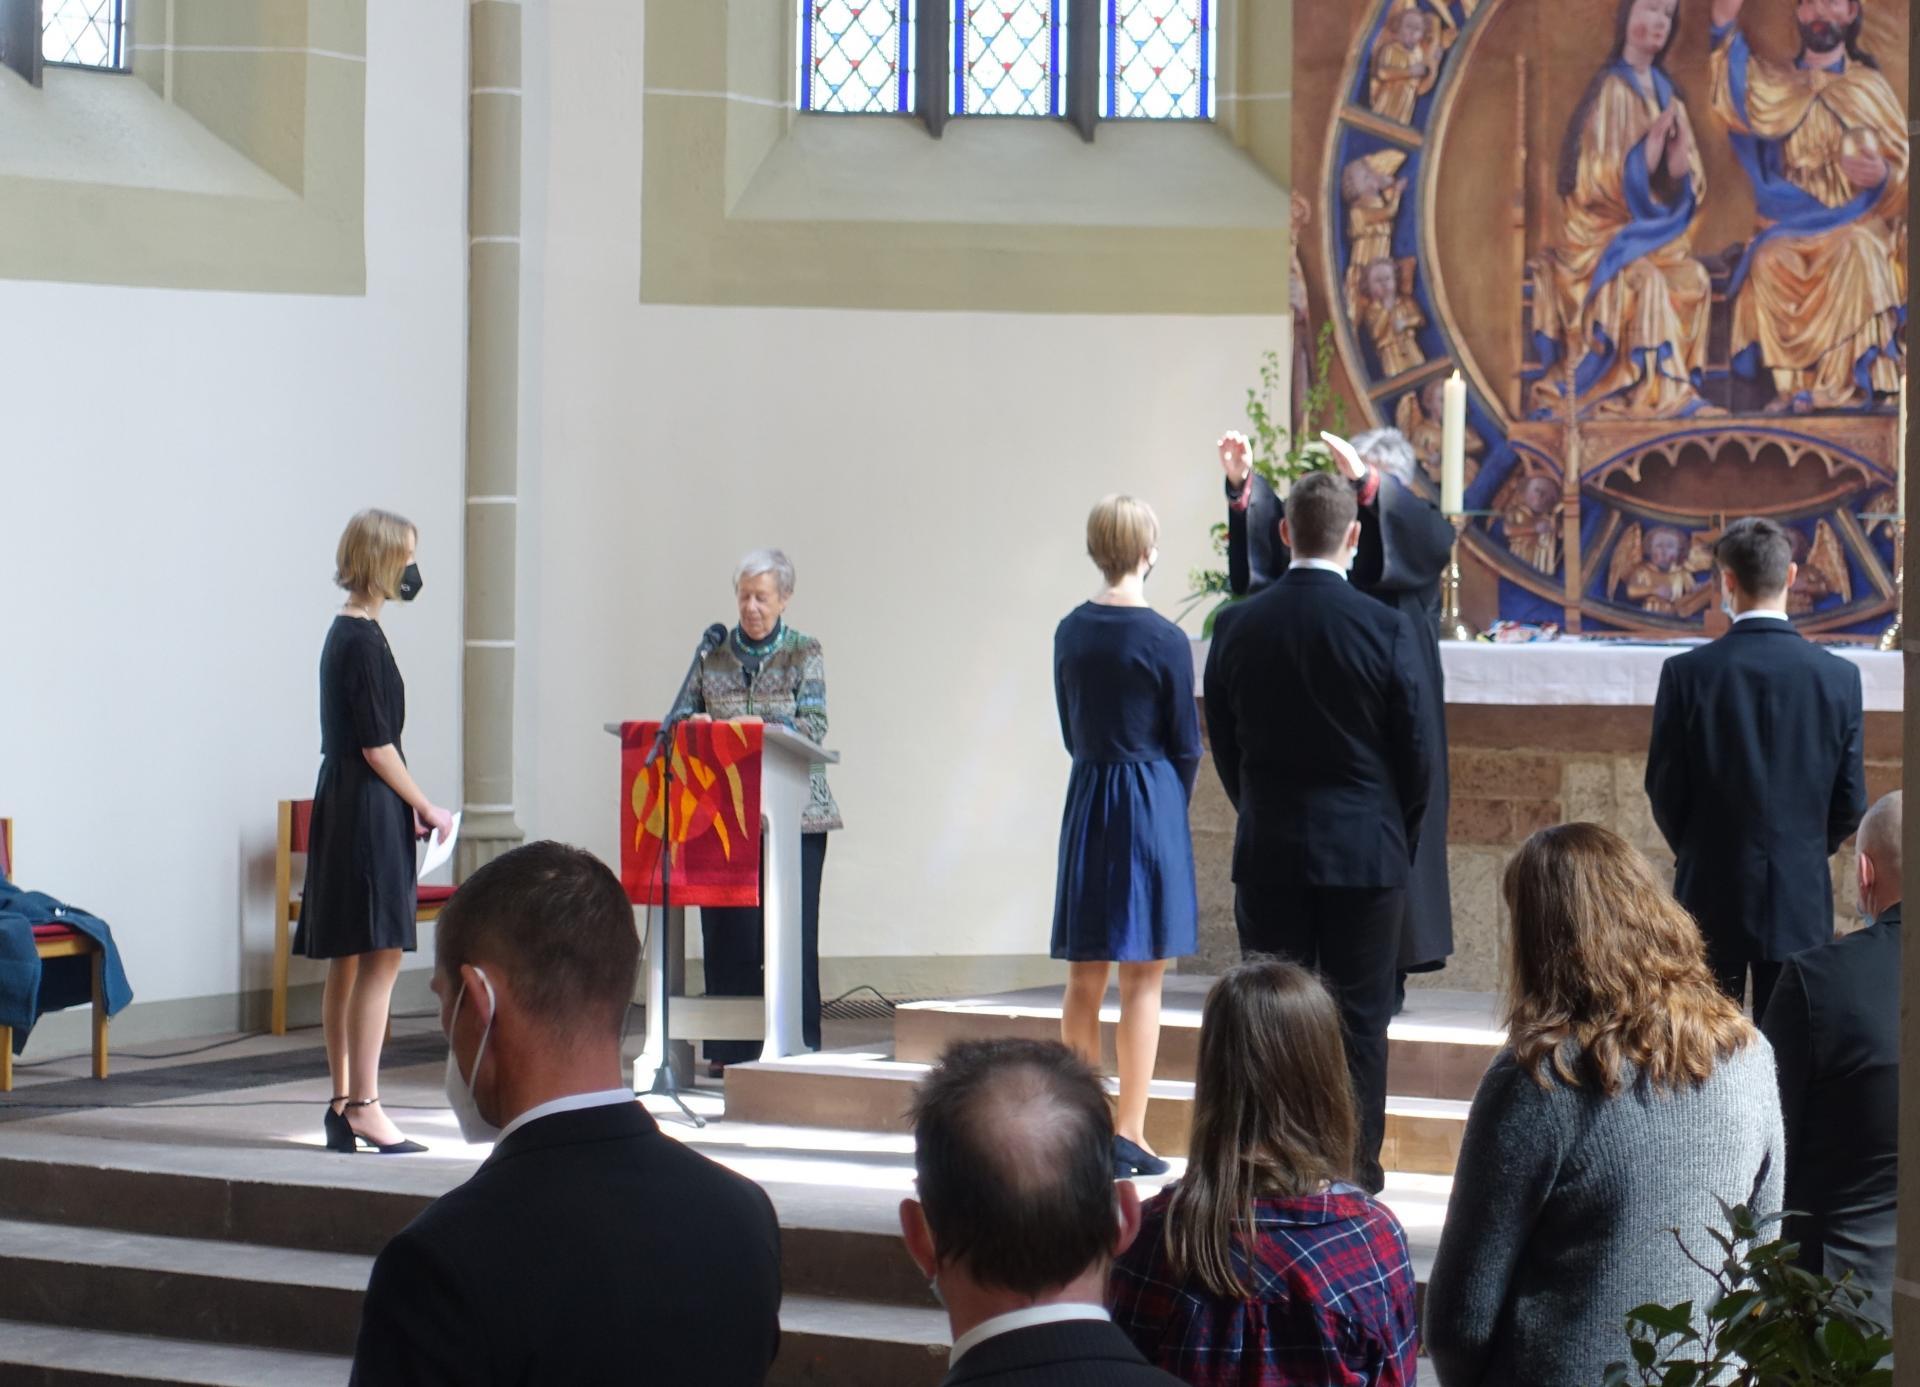 Segnung der Konfirmanden durch Pastorin Karin Gerken-Heise